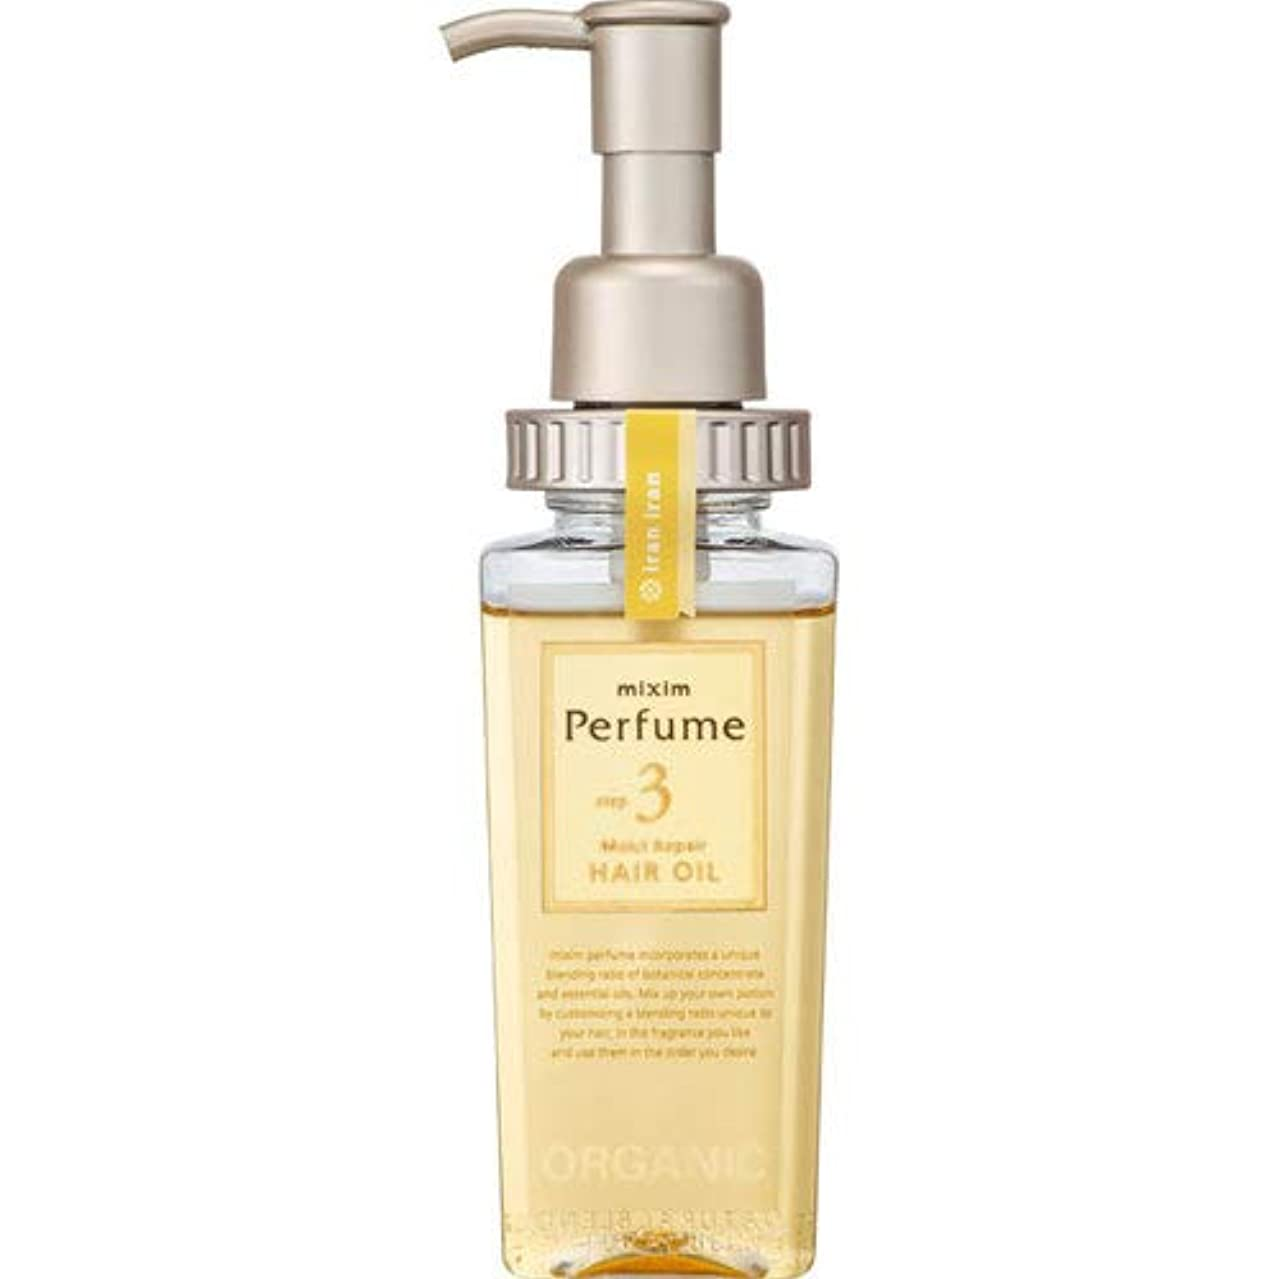 骨折死にかけているパンツmixim Perfume(ミクシムパフューム) モイストリペア ヘアオイル 100mL